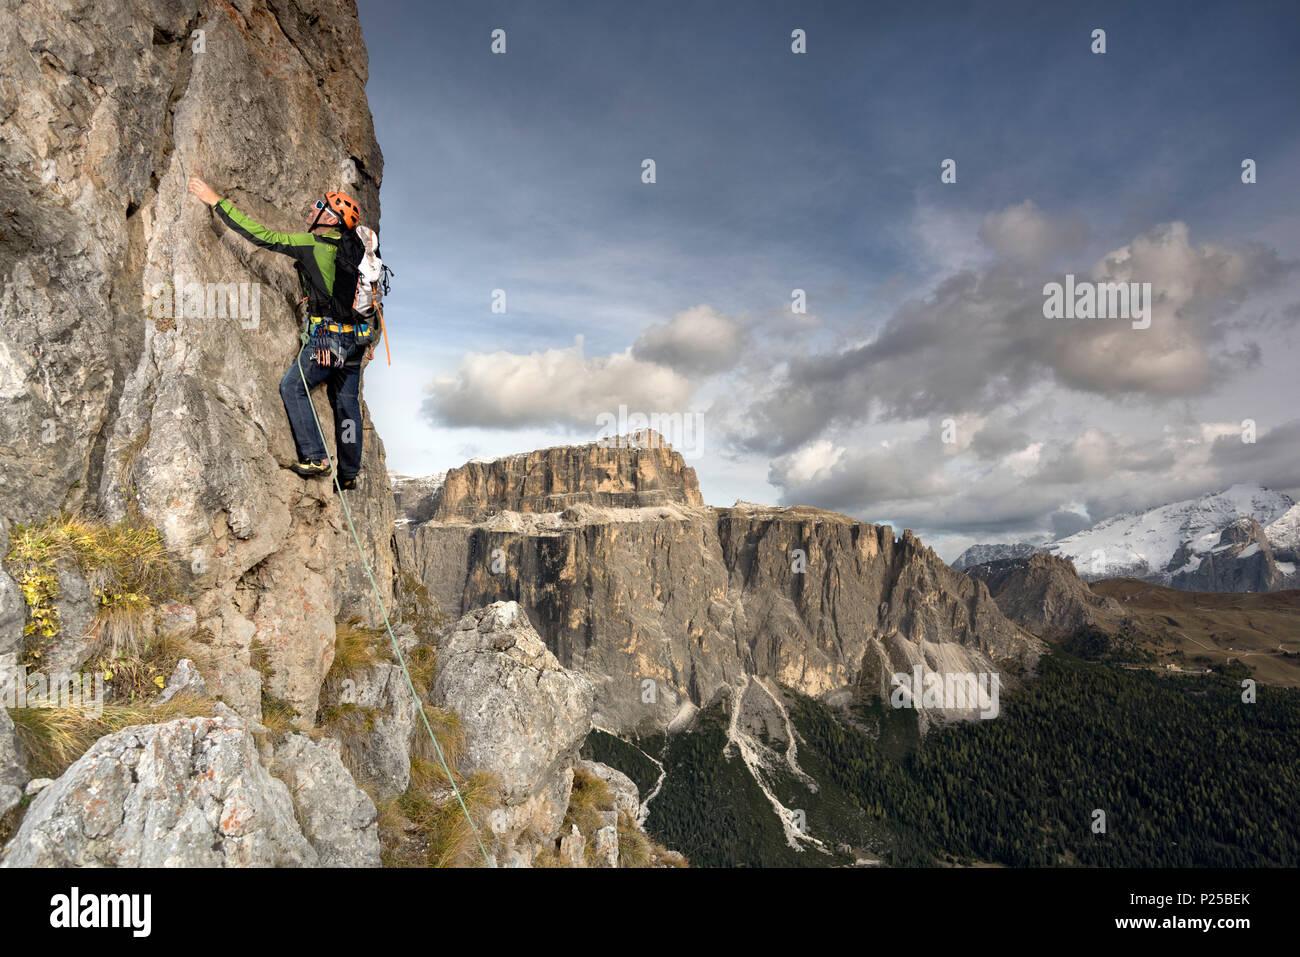 Tragedie senza fine sulle alpi. Muoiono anche due guide alpine.